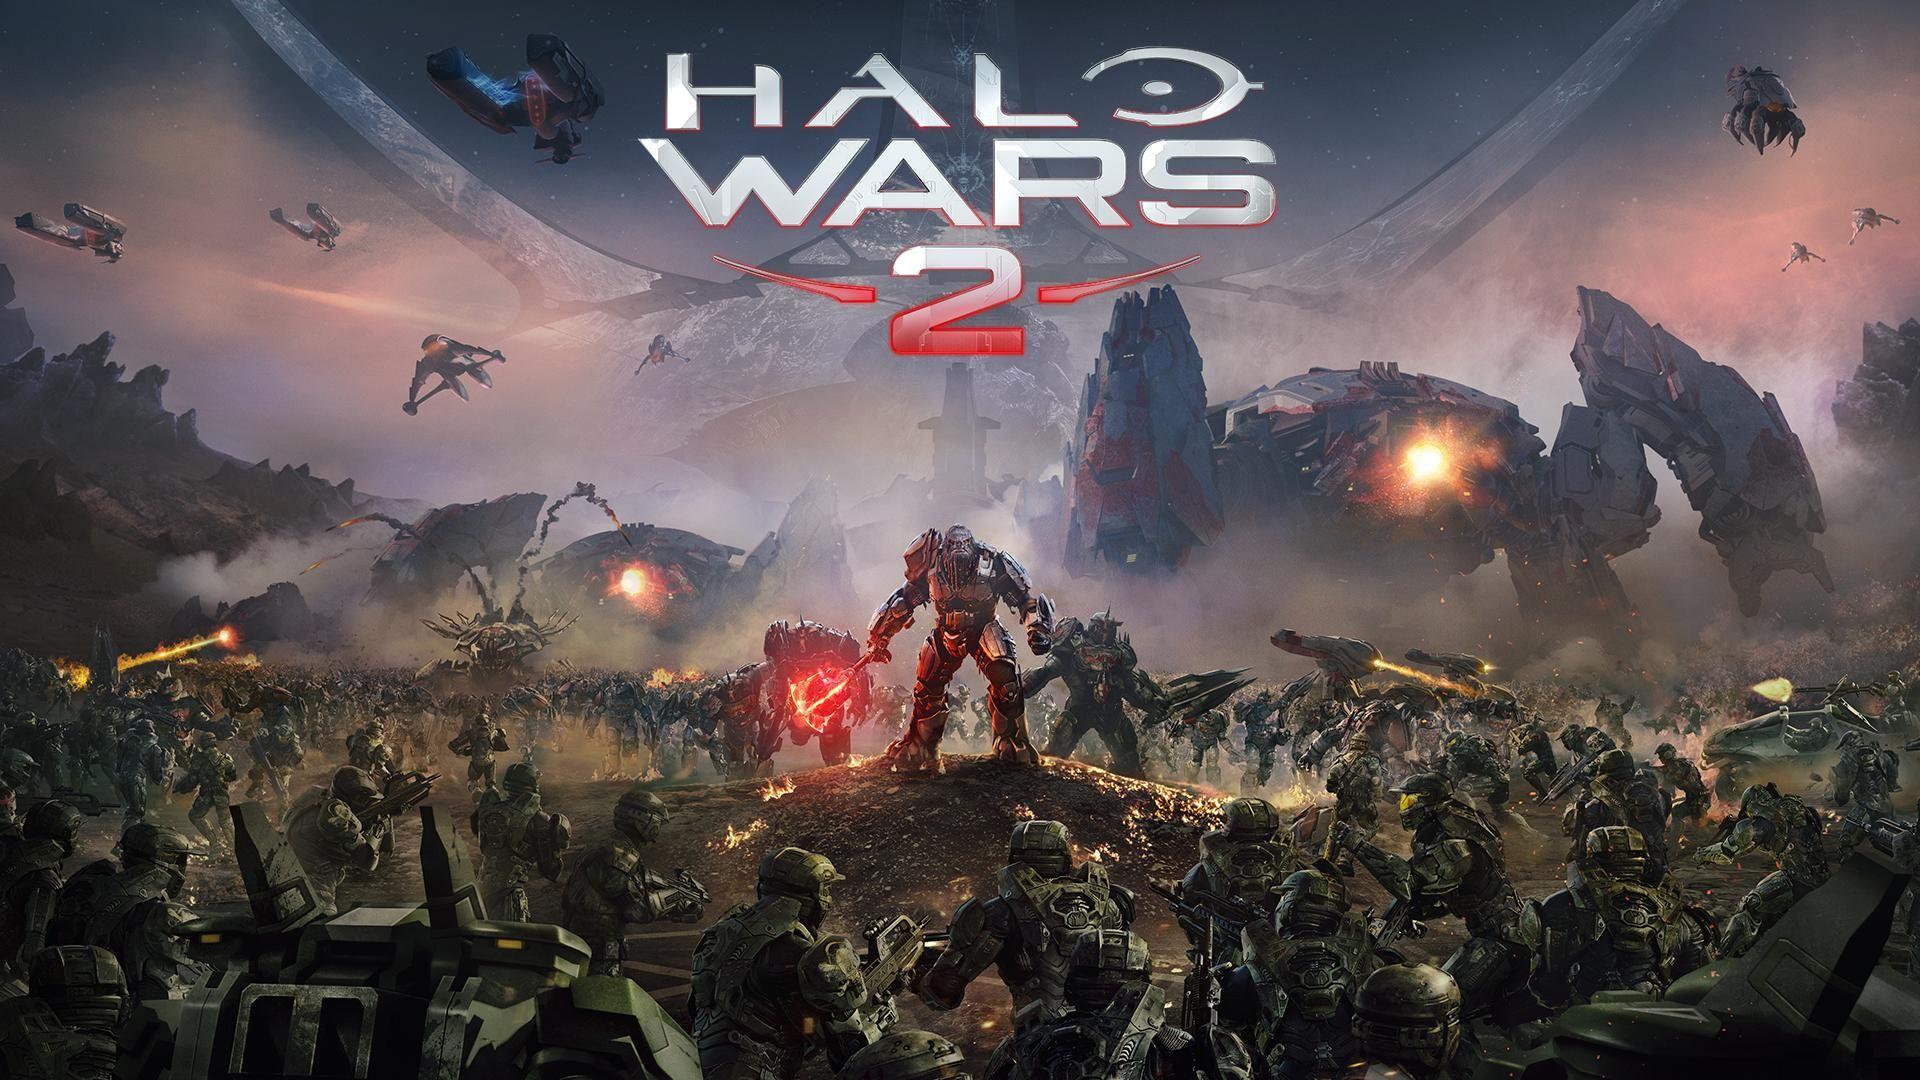 #E32016 Halo Wars 2 descarta el juego cruzado entre plataformas